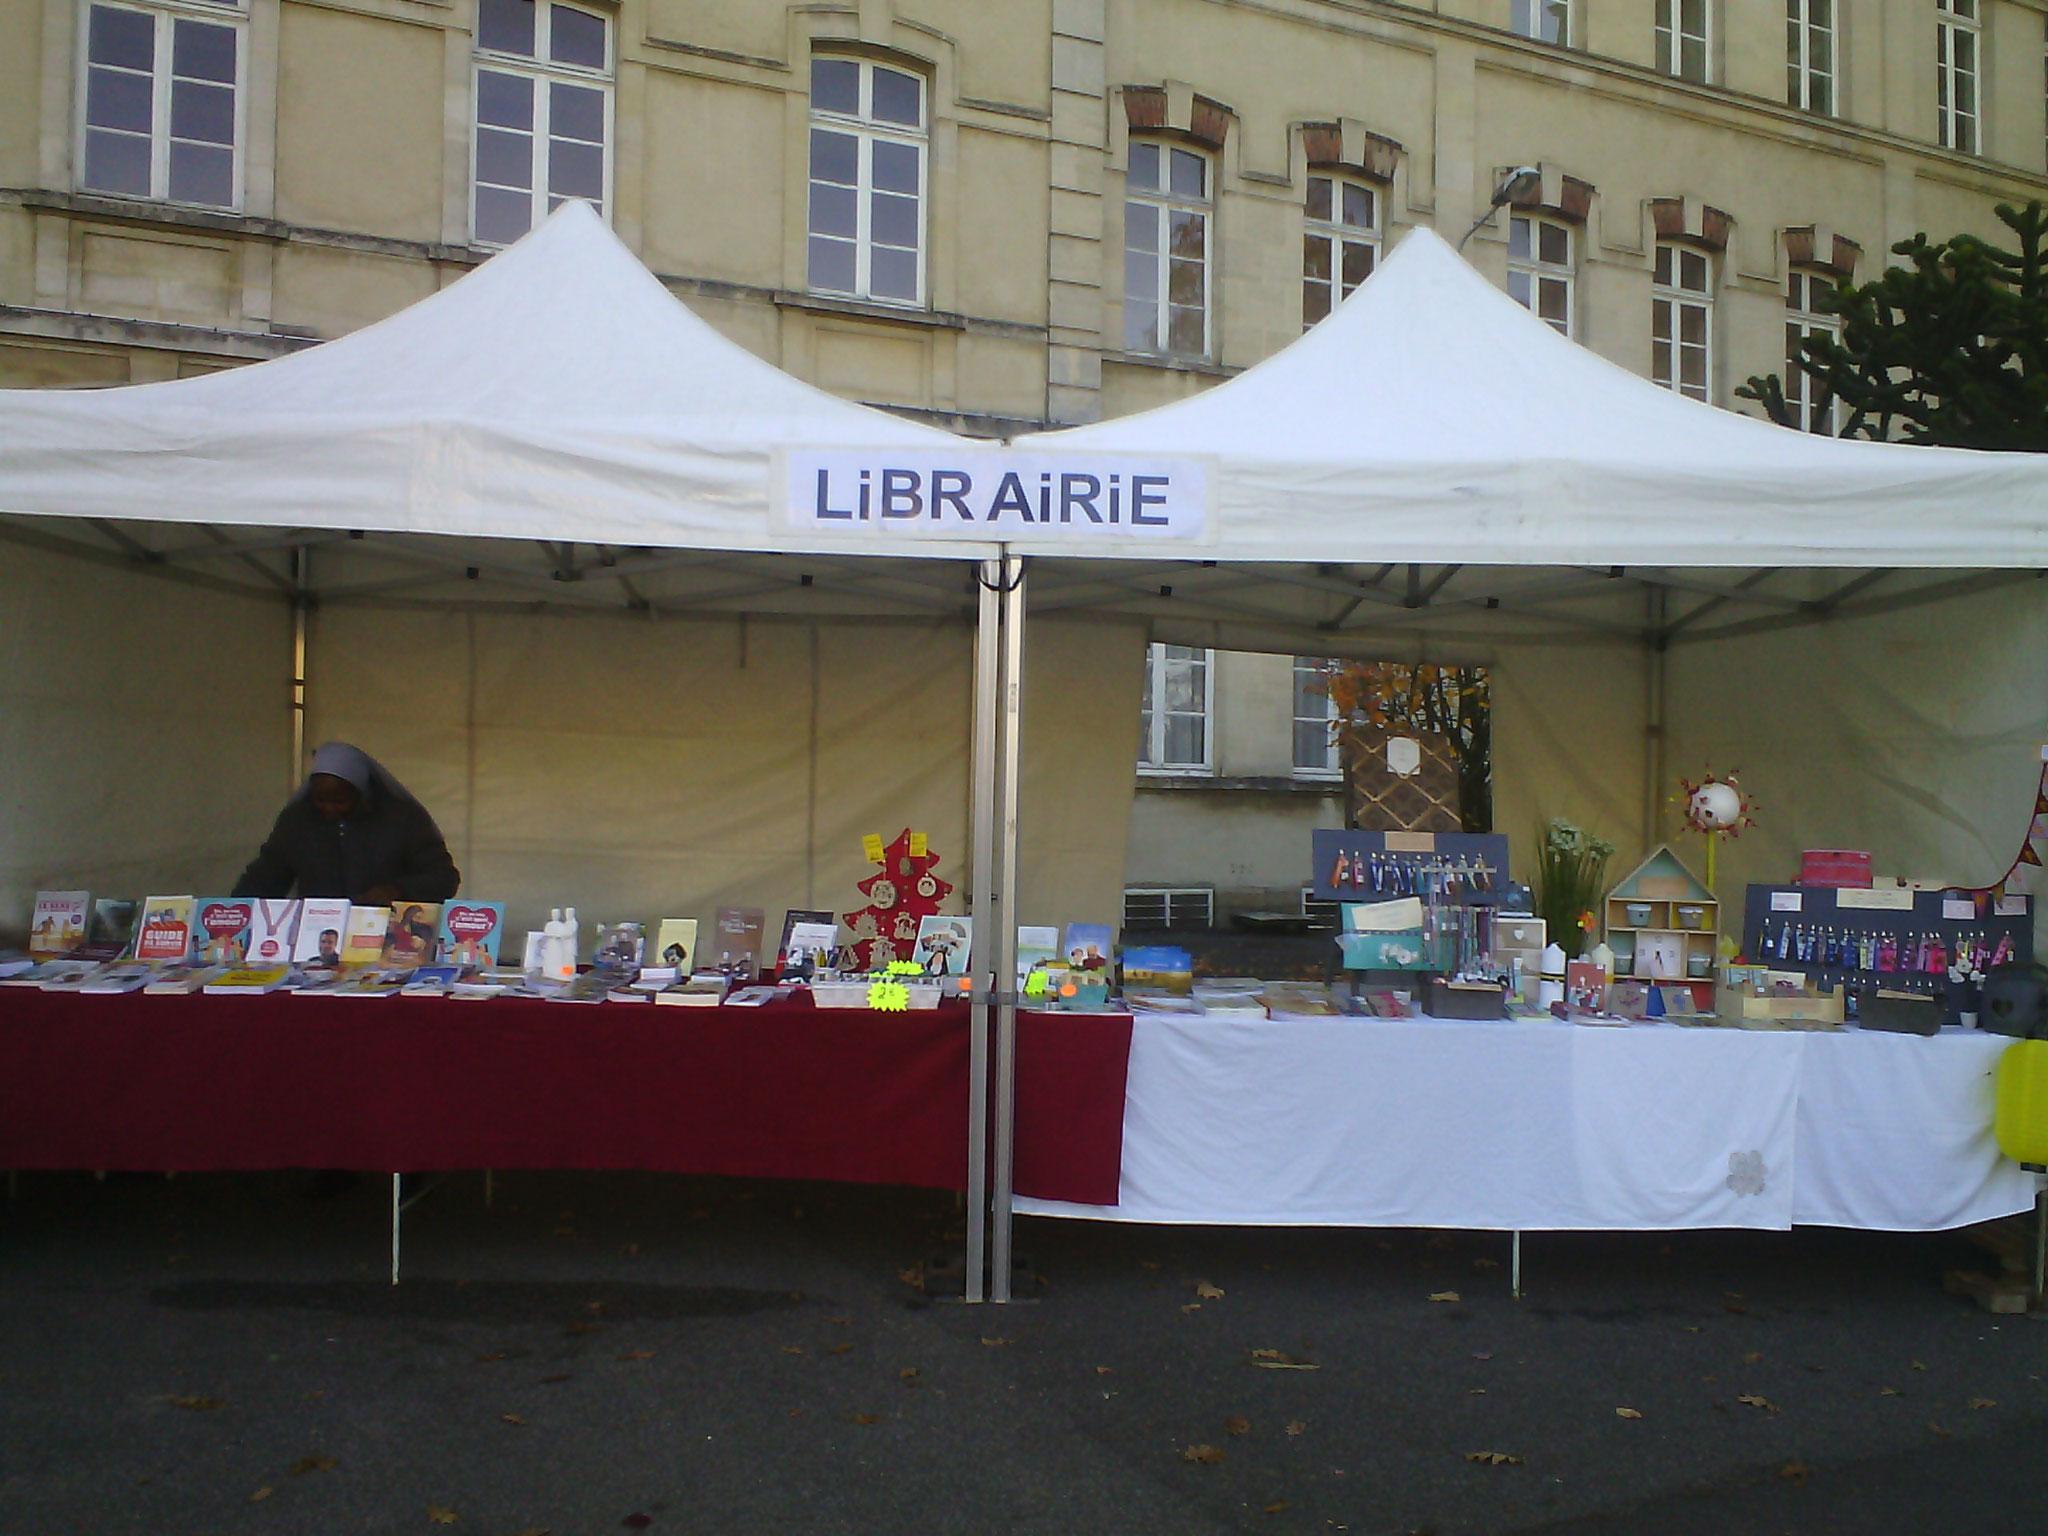 Stand de la librairie où Fantaisie et créations était là avec les soeurs du sanctuaire